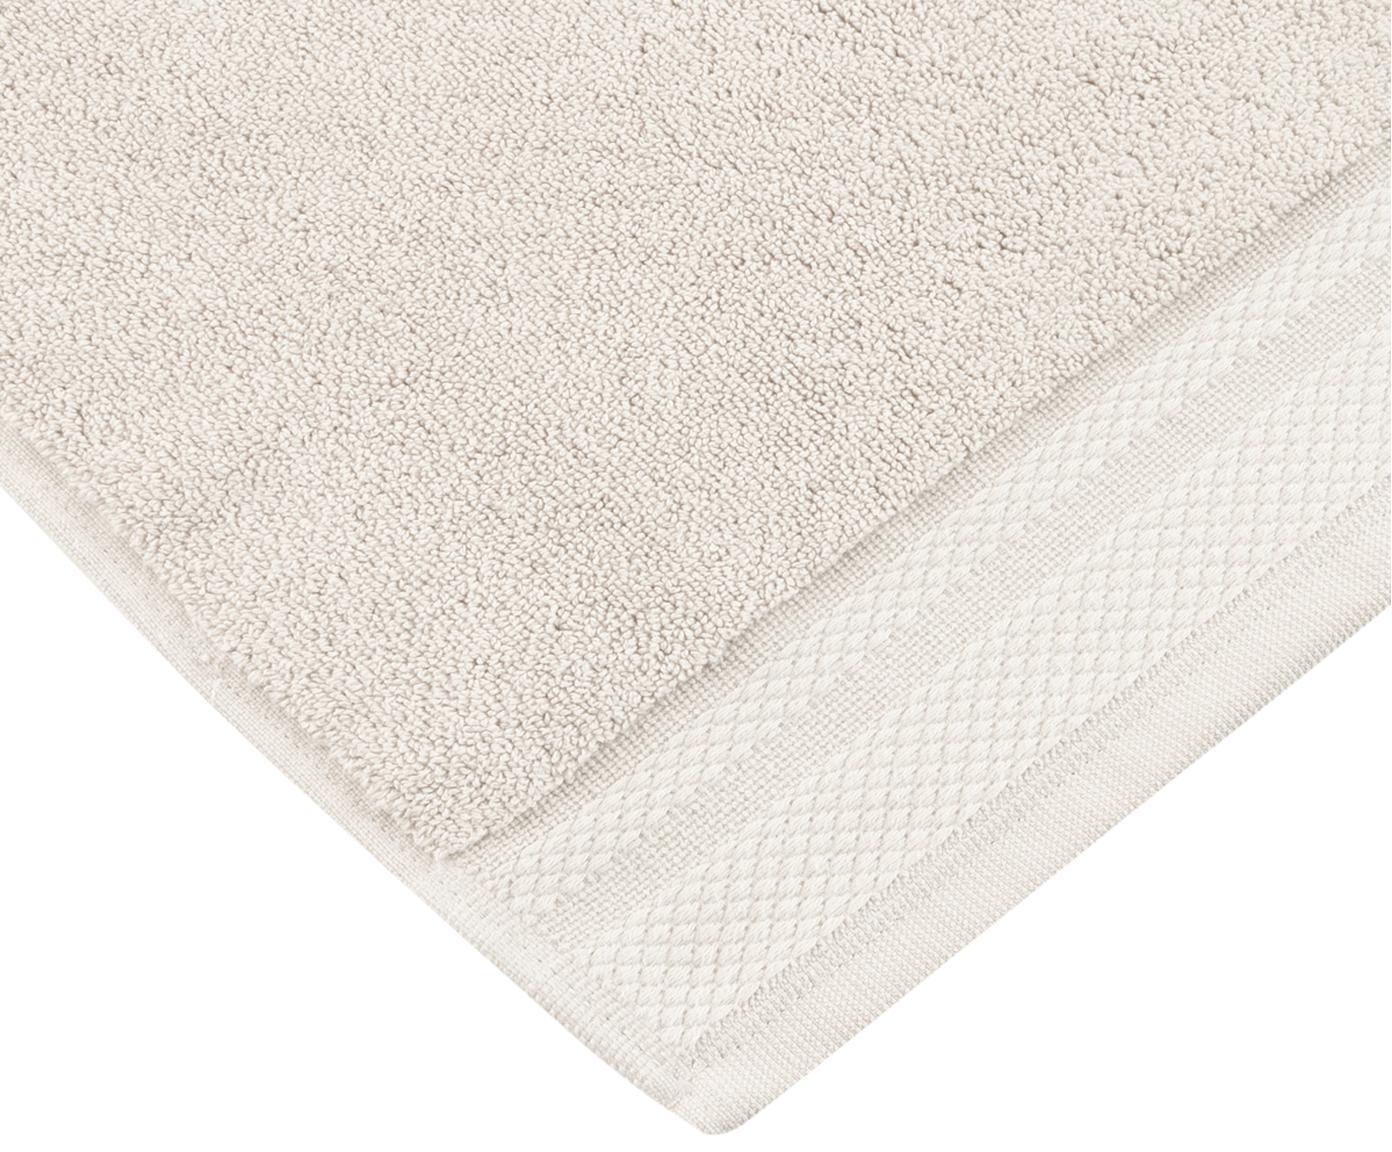 Handtuch Premium in verschiedenen Größen, mit klassischer Zierbordüre, Beige, XS Gästehandtuch